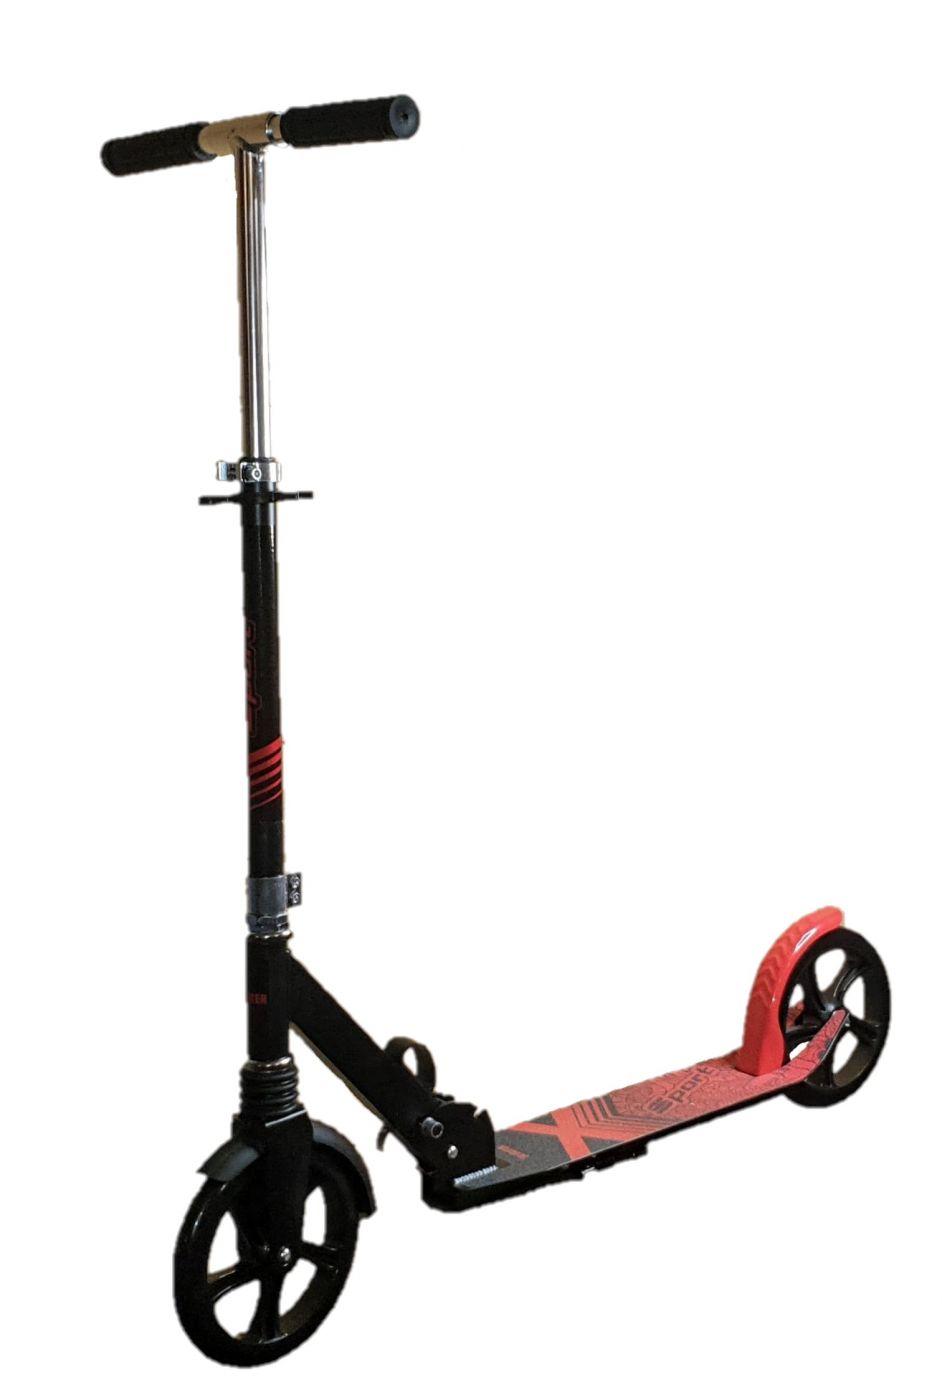 S00577 Самокат городской Scooter Urban Sport для взрослых и подростков складной